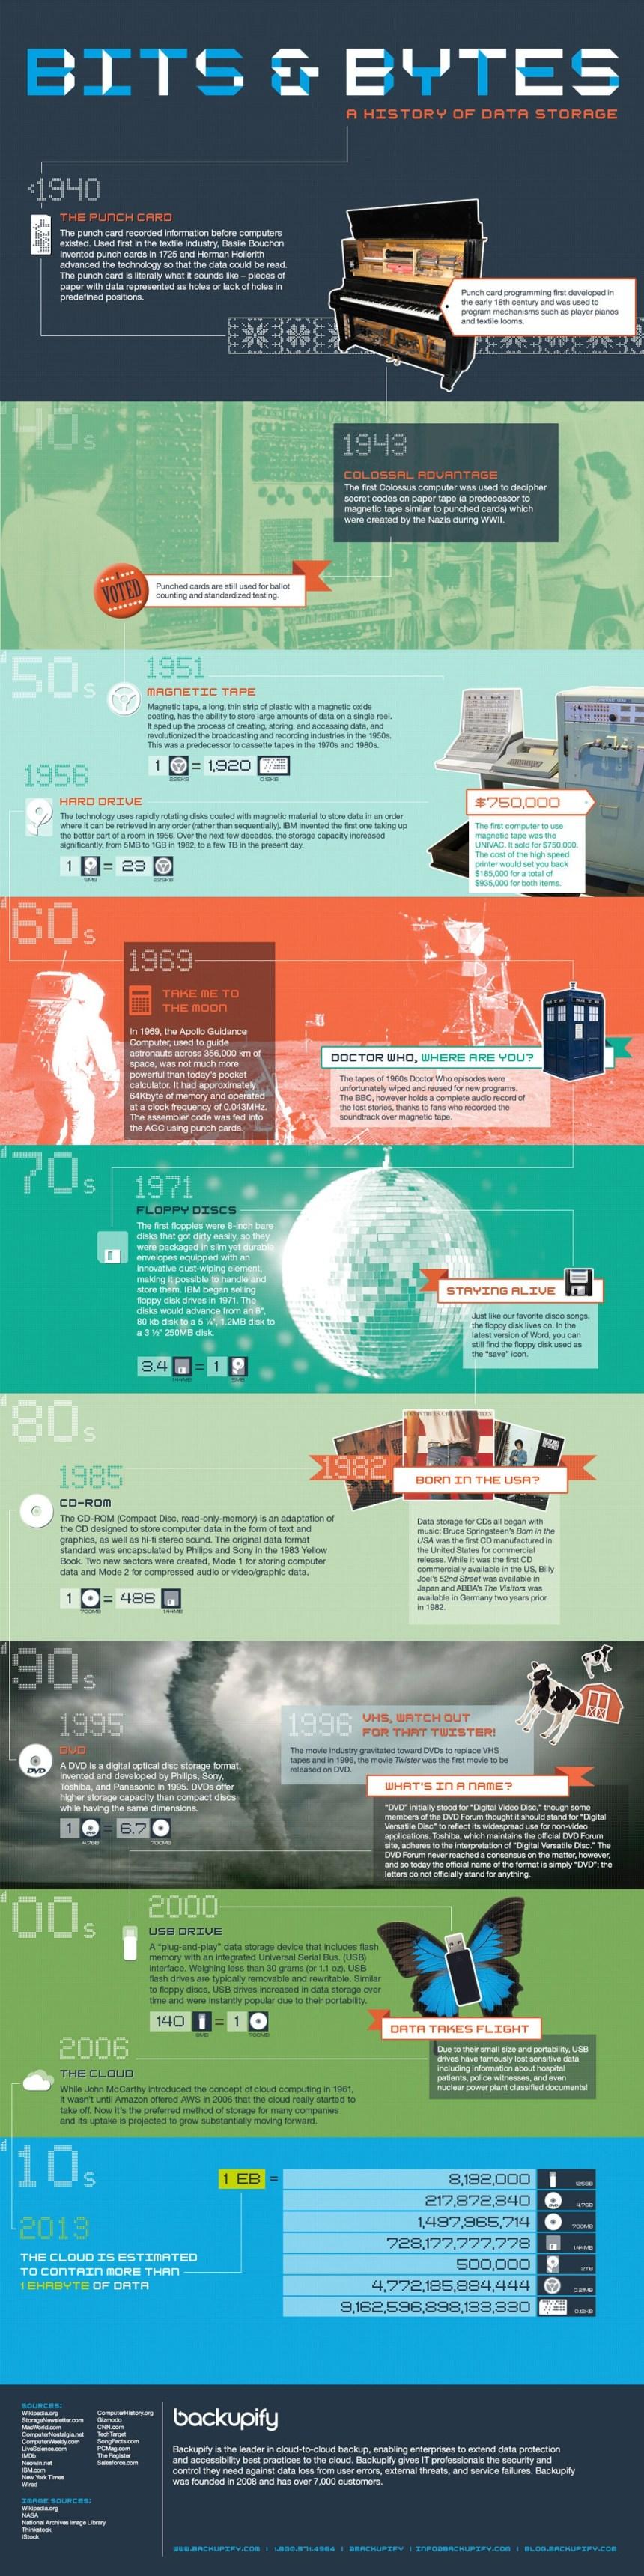 Historia del almacenamiento de datos